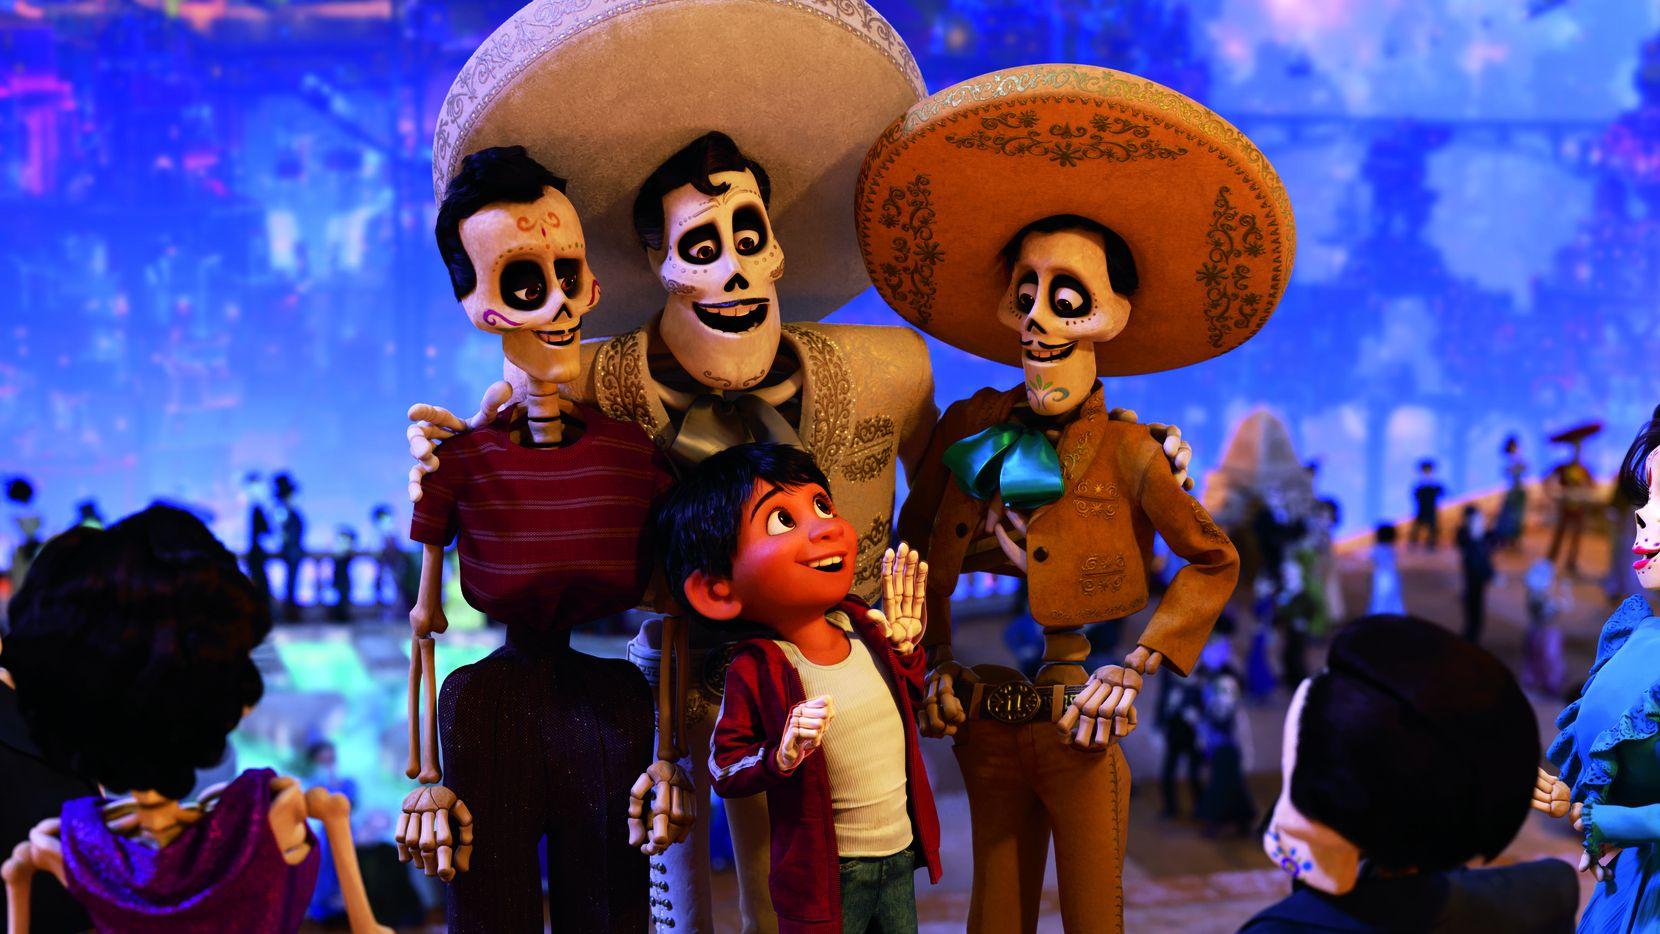 La historia de Coco se basa en la tradición del Día de Muertos en México.(DISNEY PIXAR)